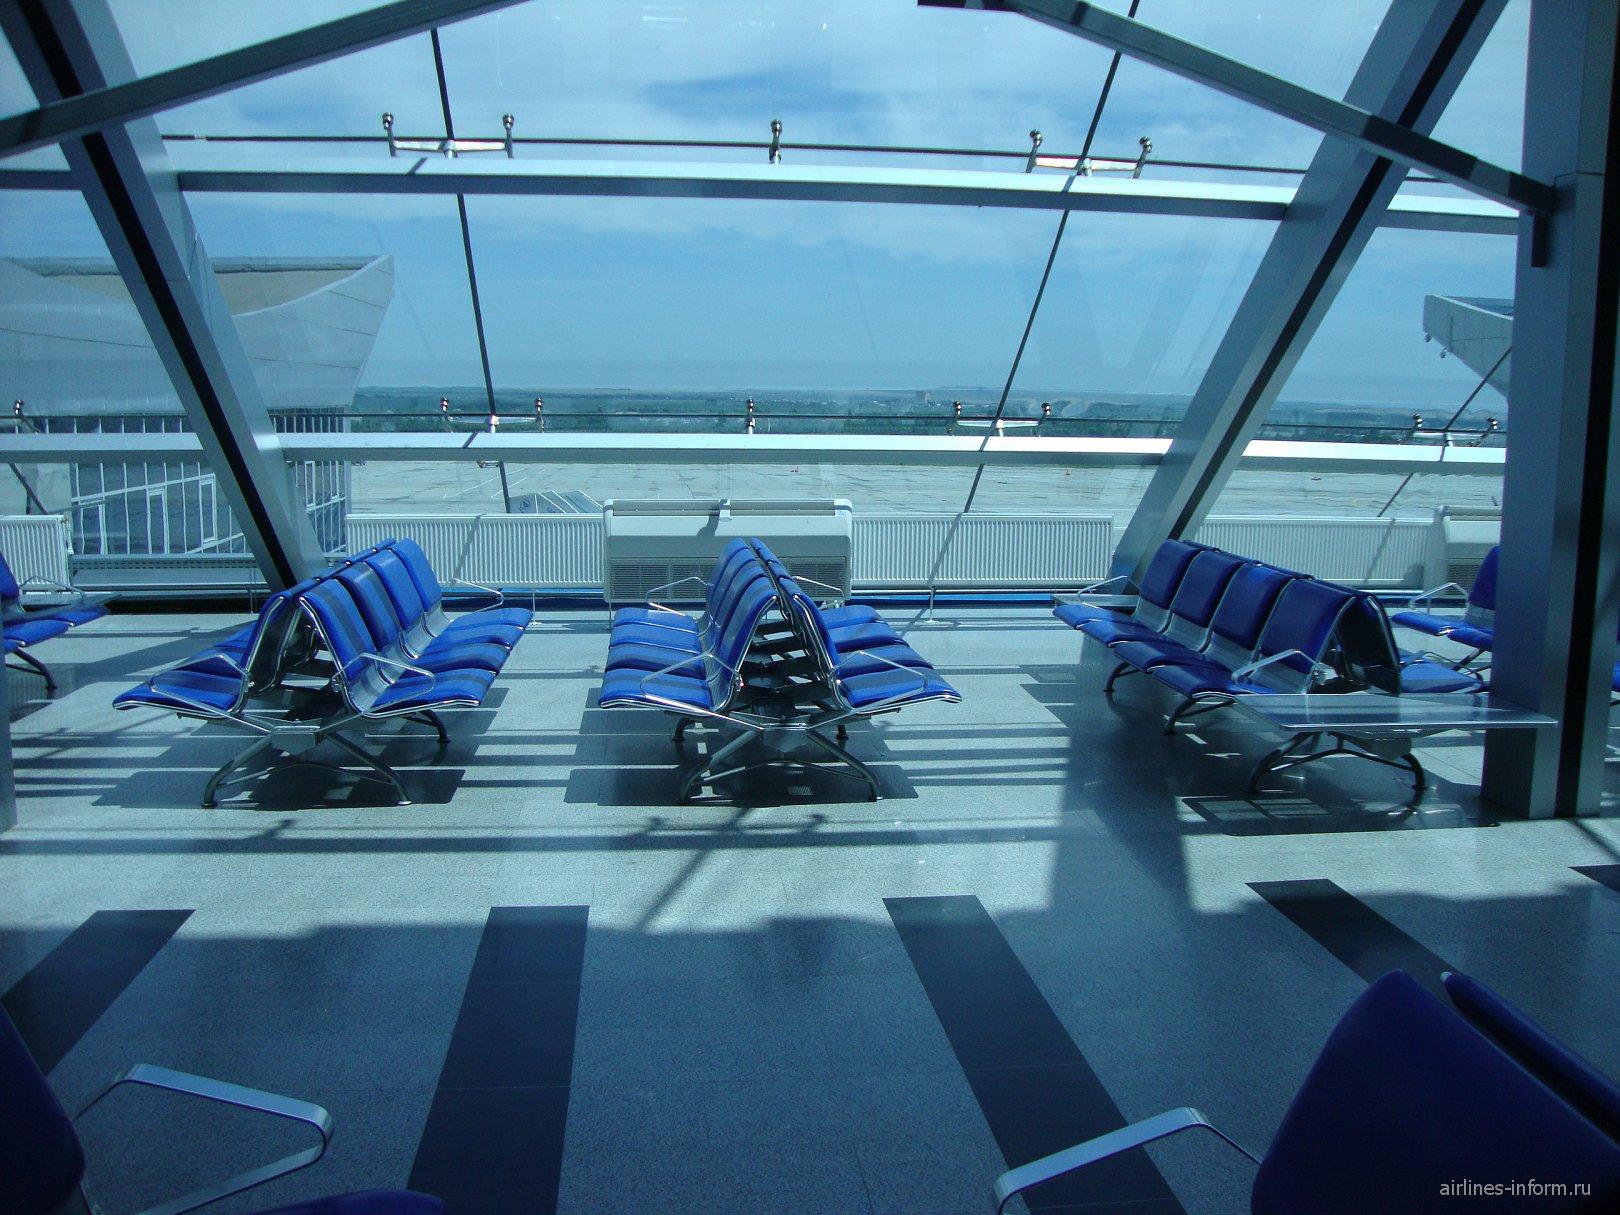 Зал ожидания в аэропорту Минеральные Воды